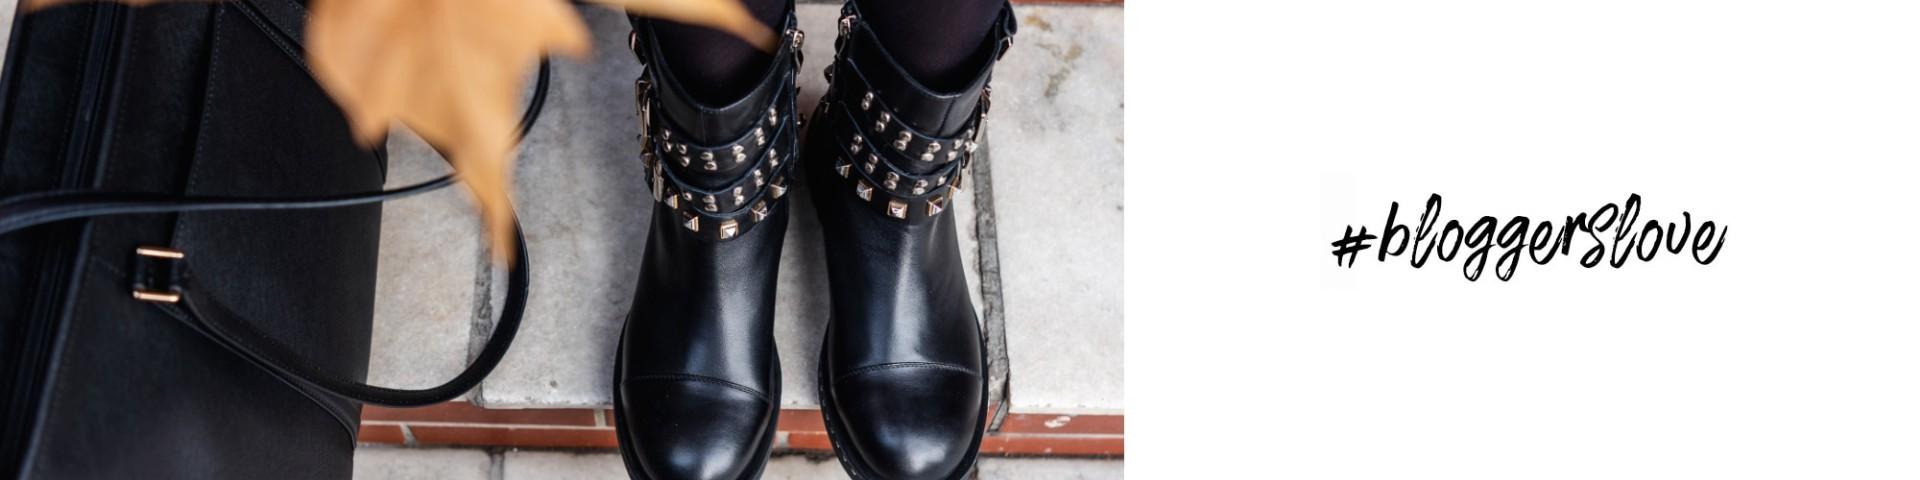 Jak stylizować biker boots? Propozycja Agnieszki z Stylishblogstory.